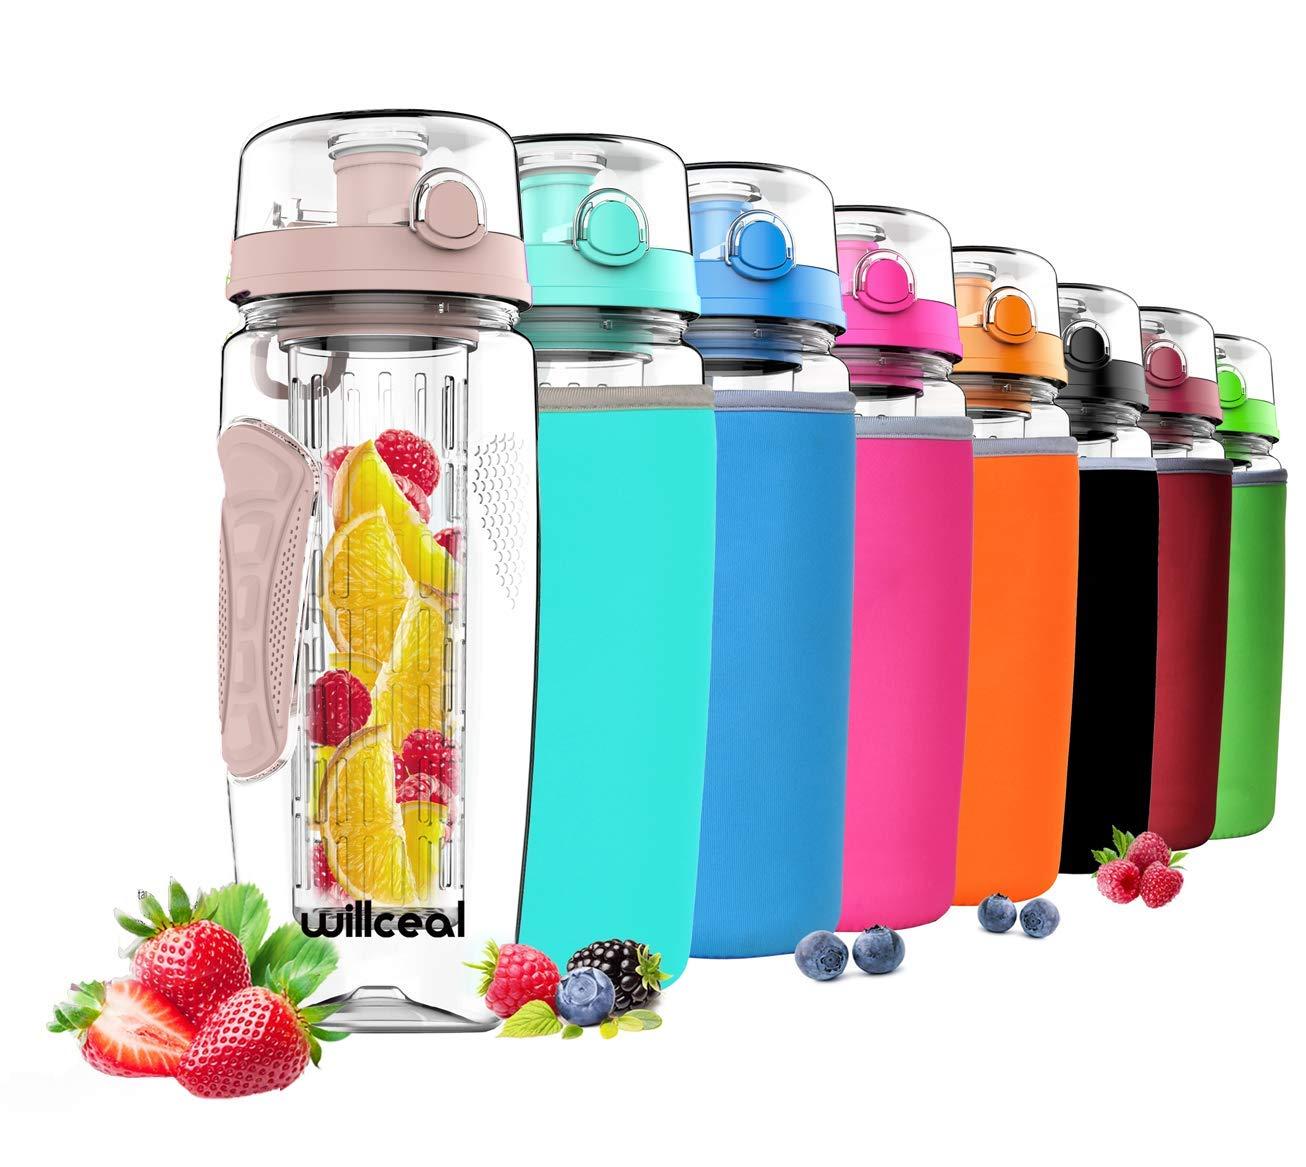 Willceal - Botella de Agua para infusor de Frutas, 81,28 g, Resistente, Grande, sin BPA, Tapa con Tapa, diseño a Prueba de Fugas, Deportes, Camping, etc, ...